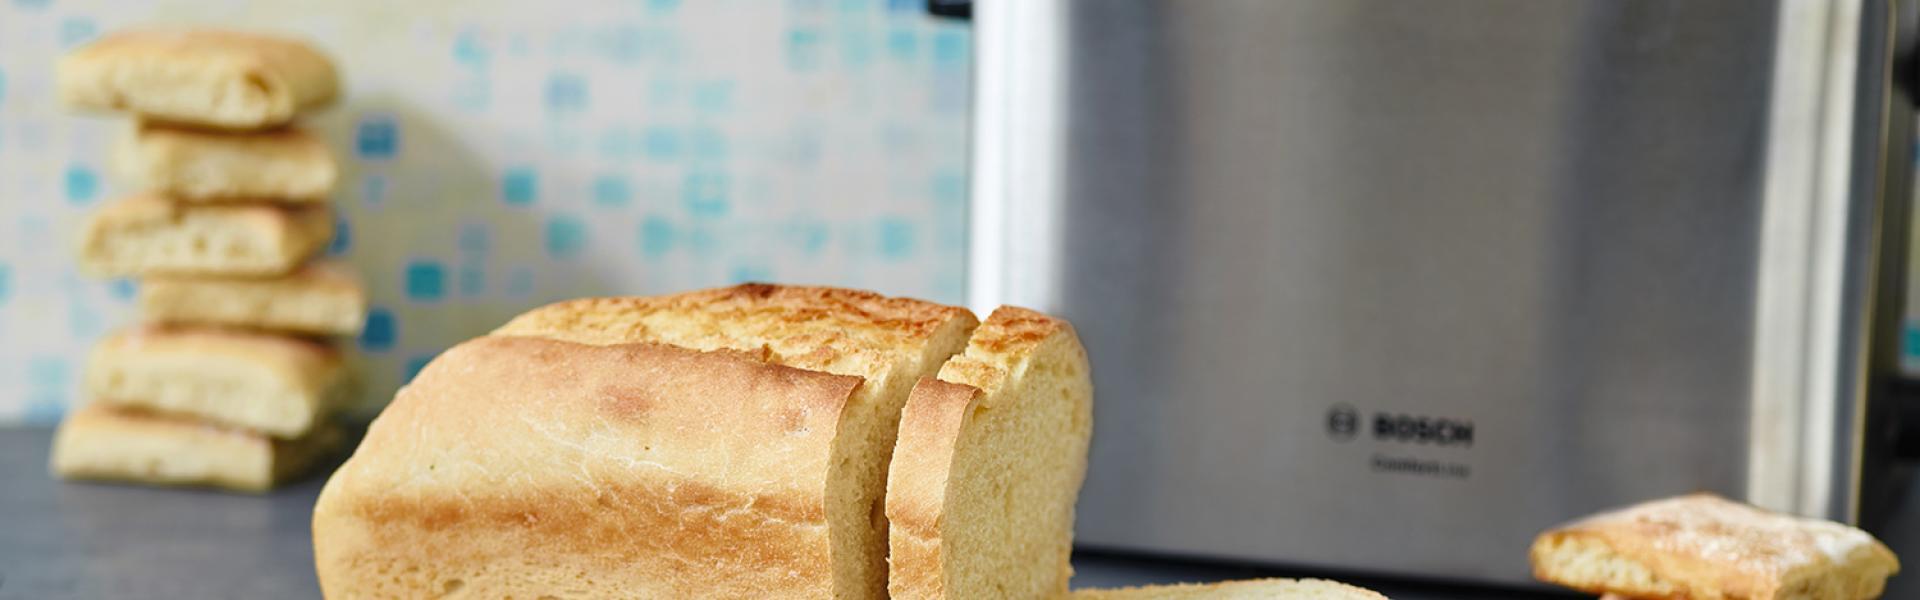 Auf einem Holzbrett steht der angeschnittene Laib vom Toastbrot Rezept. Im Hintergrund ein Toaster.